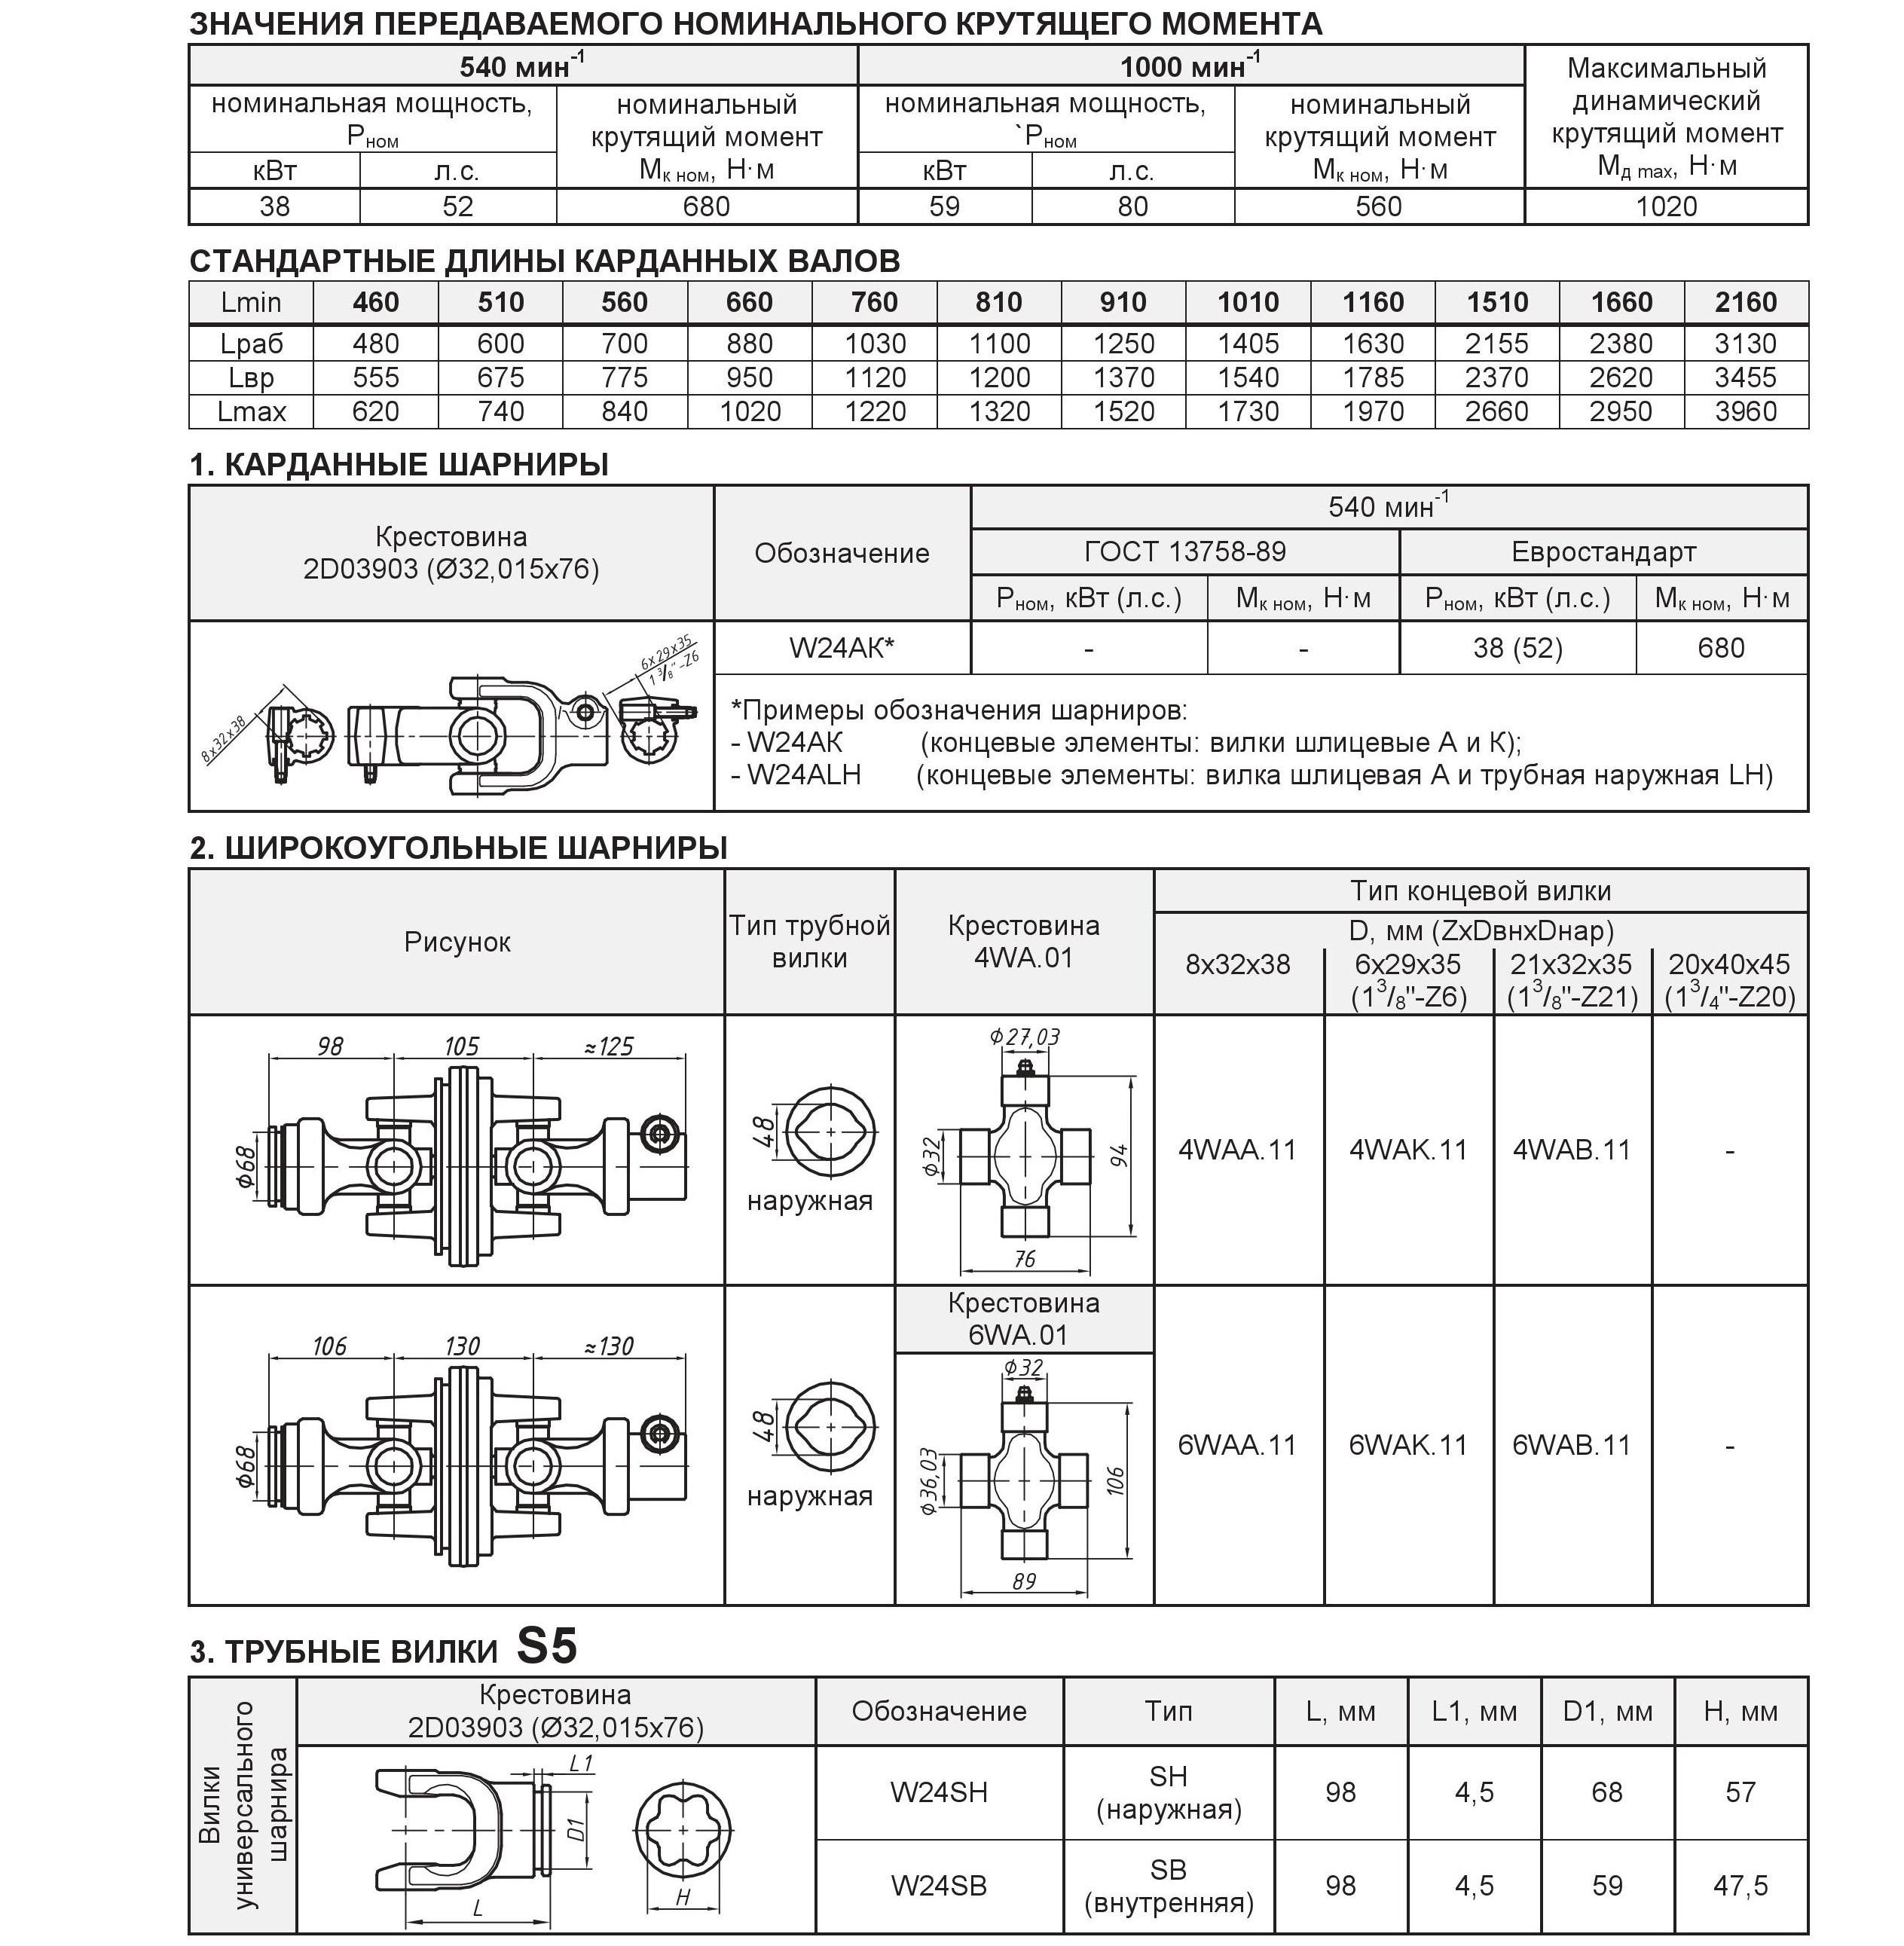 Таблица элементов карданных валов типа L5